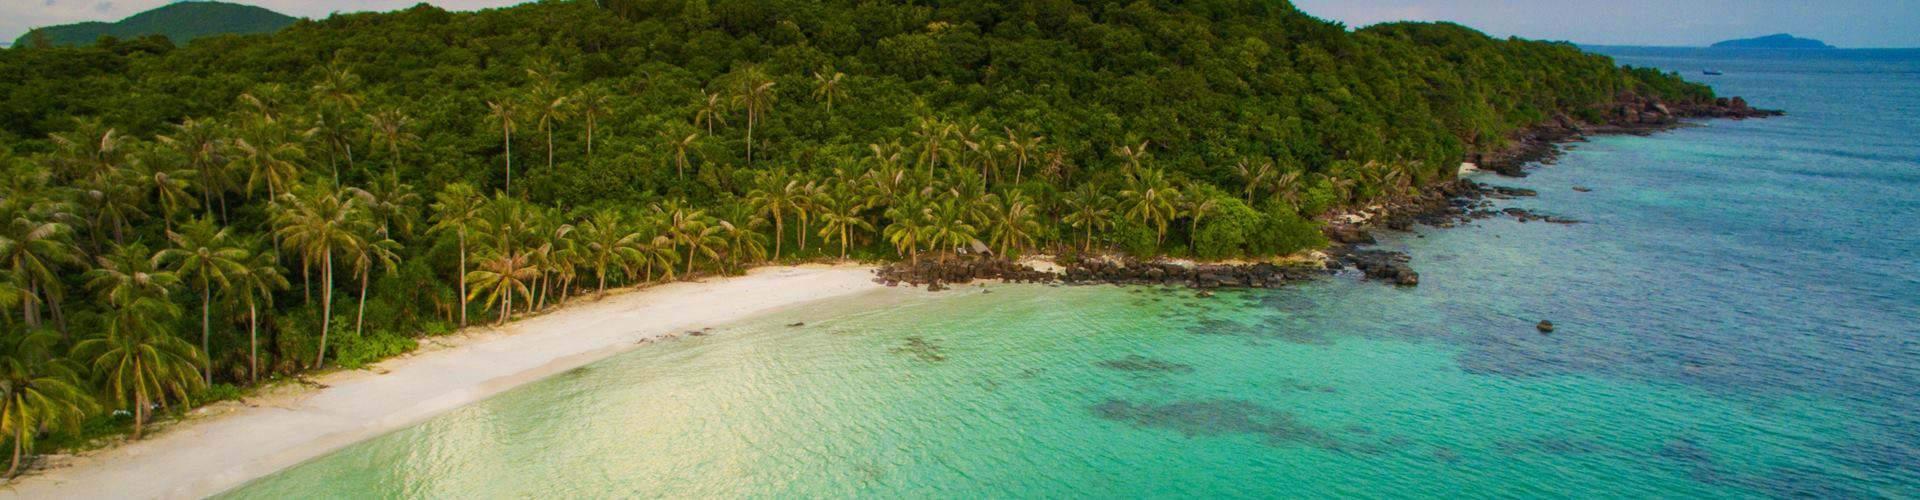 Isla de May Rut - Phu Quoc